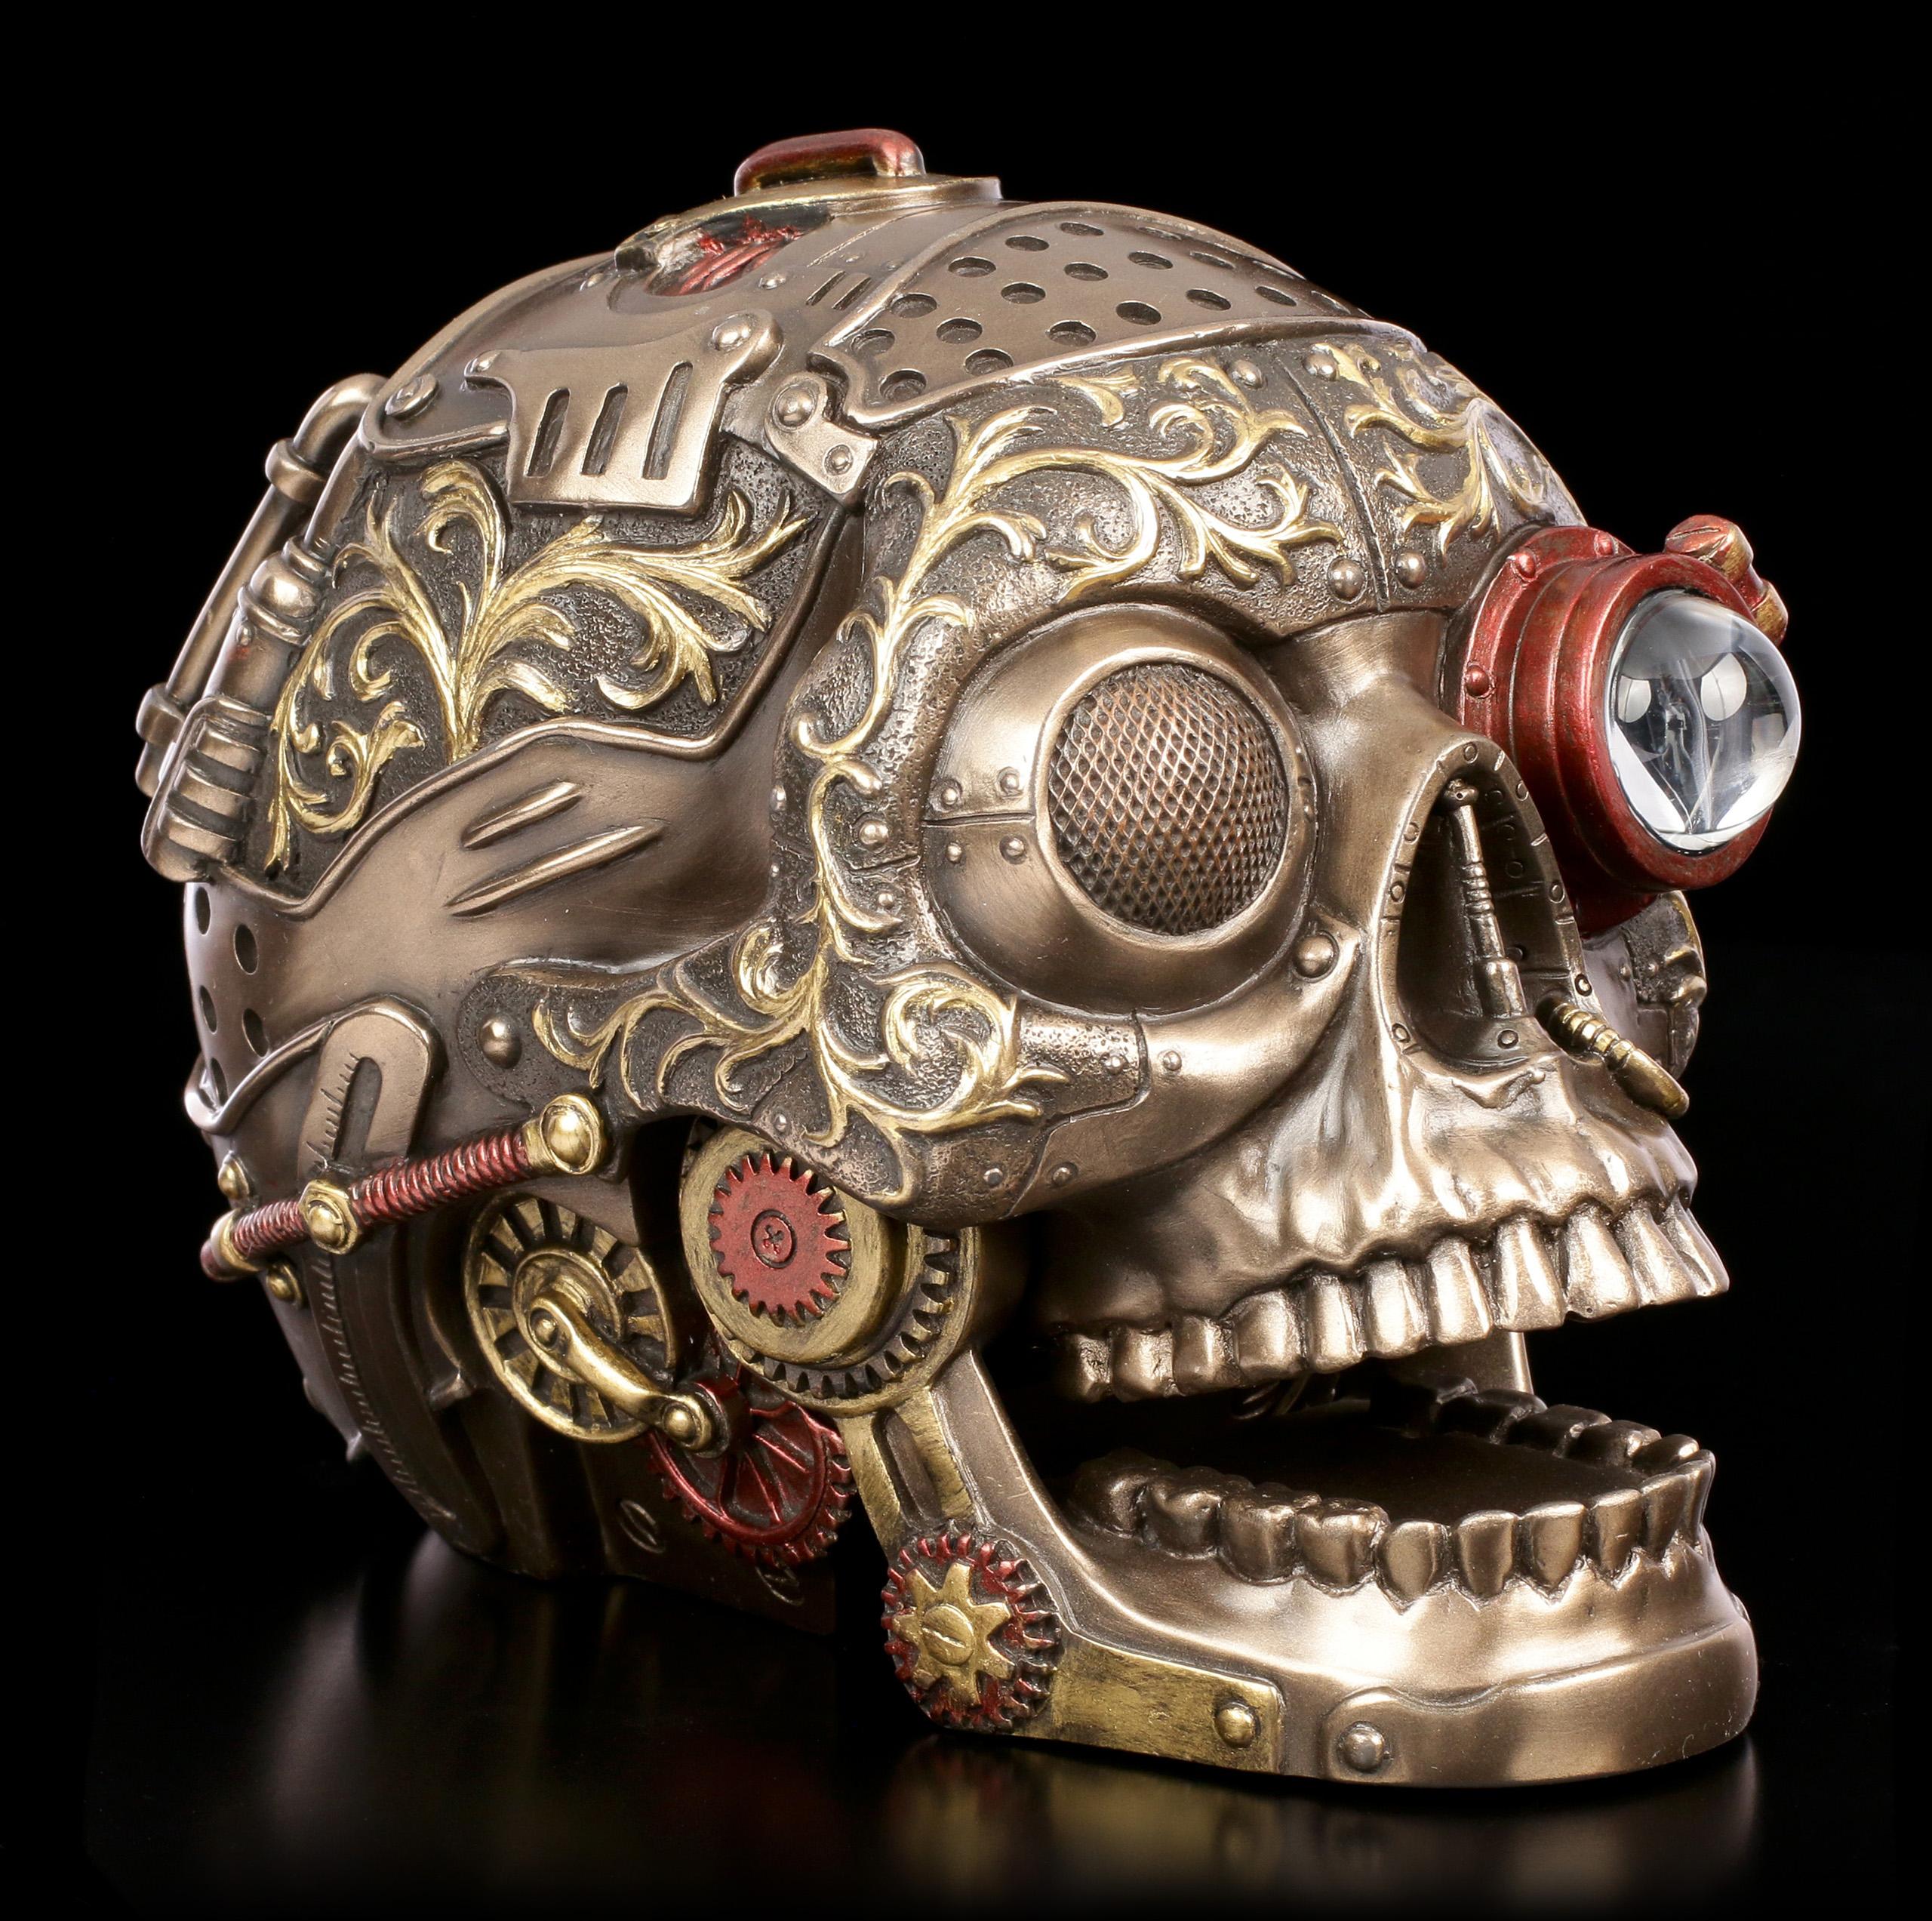 твоя механический череп картинки находящемся поблизости сквере